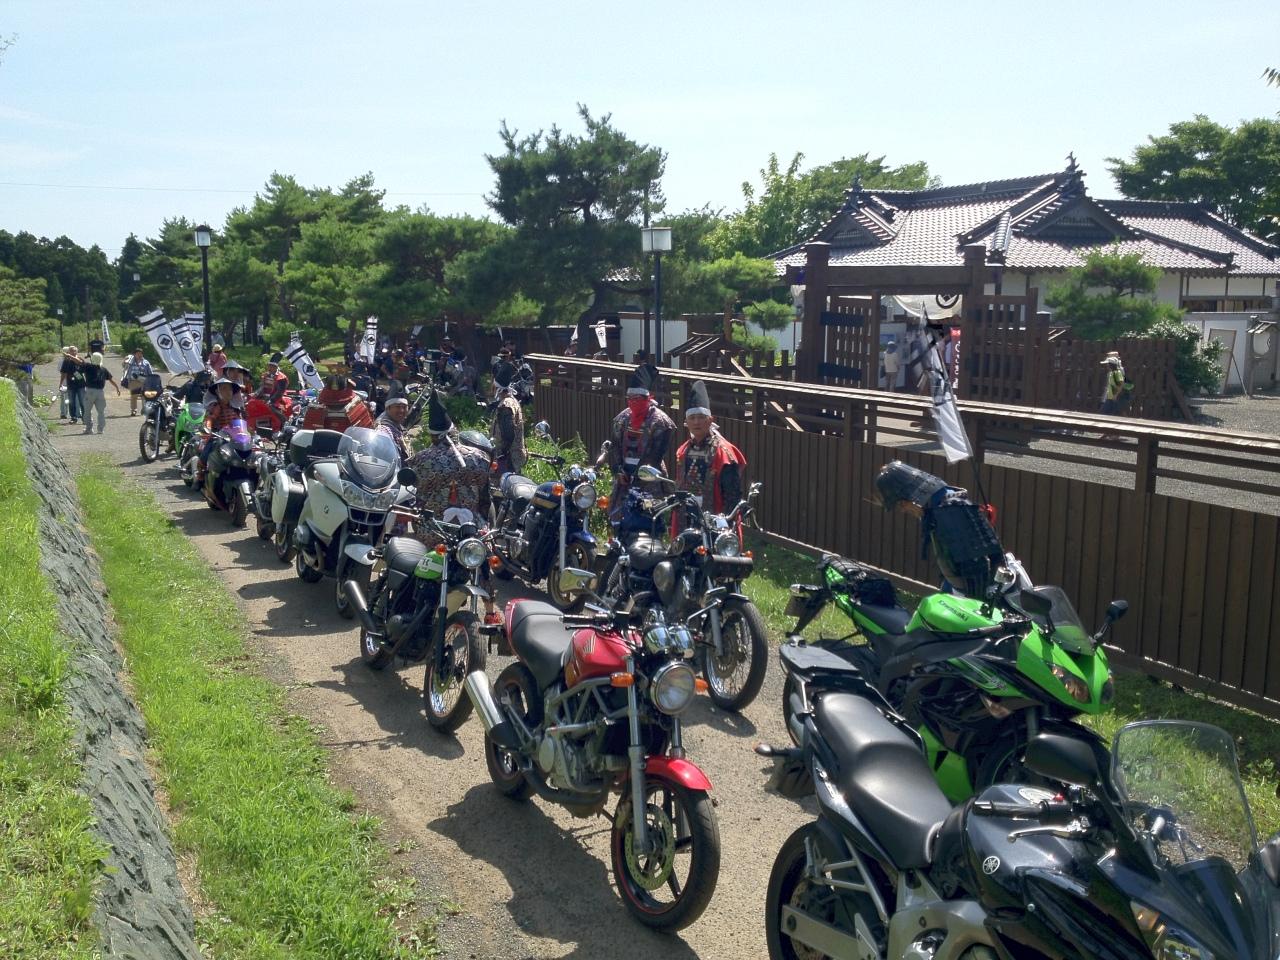 出発前のバイクと鎧武者たち